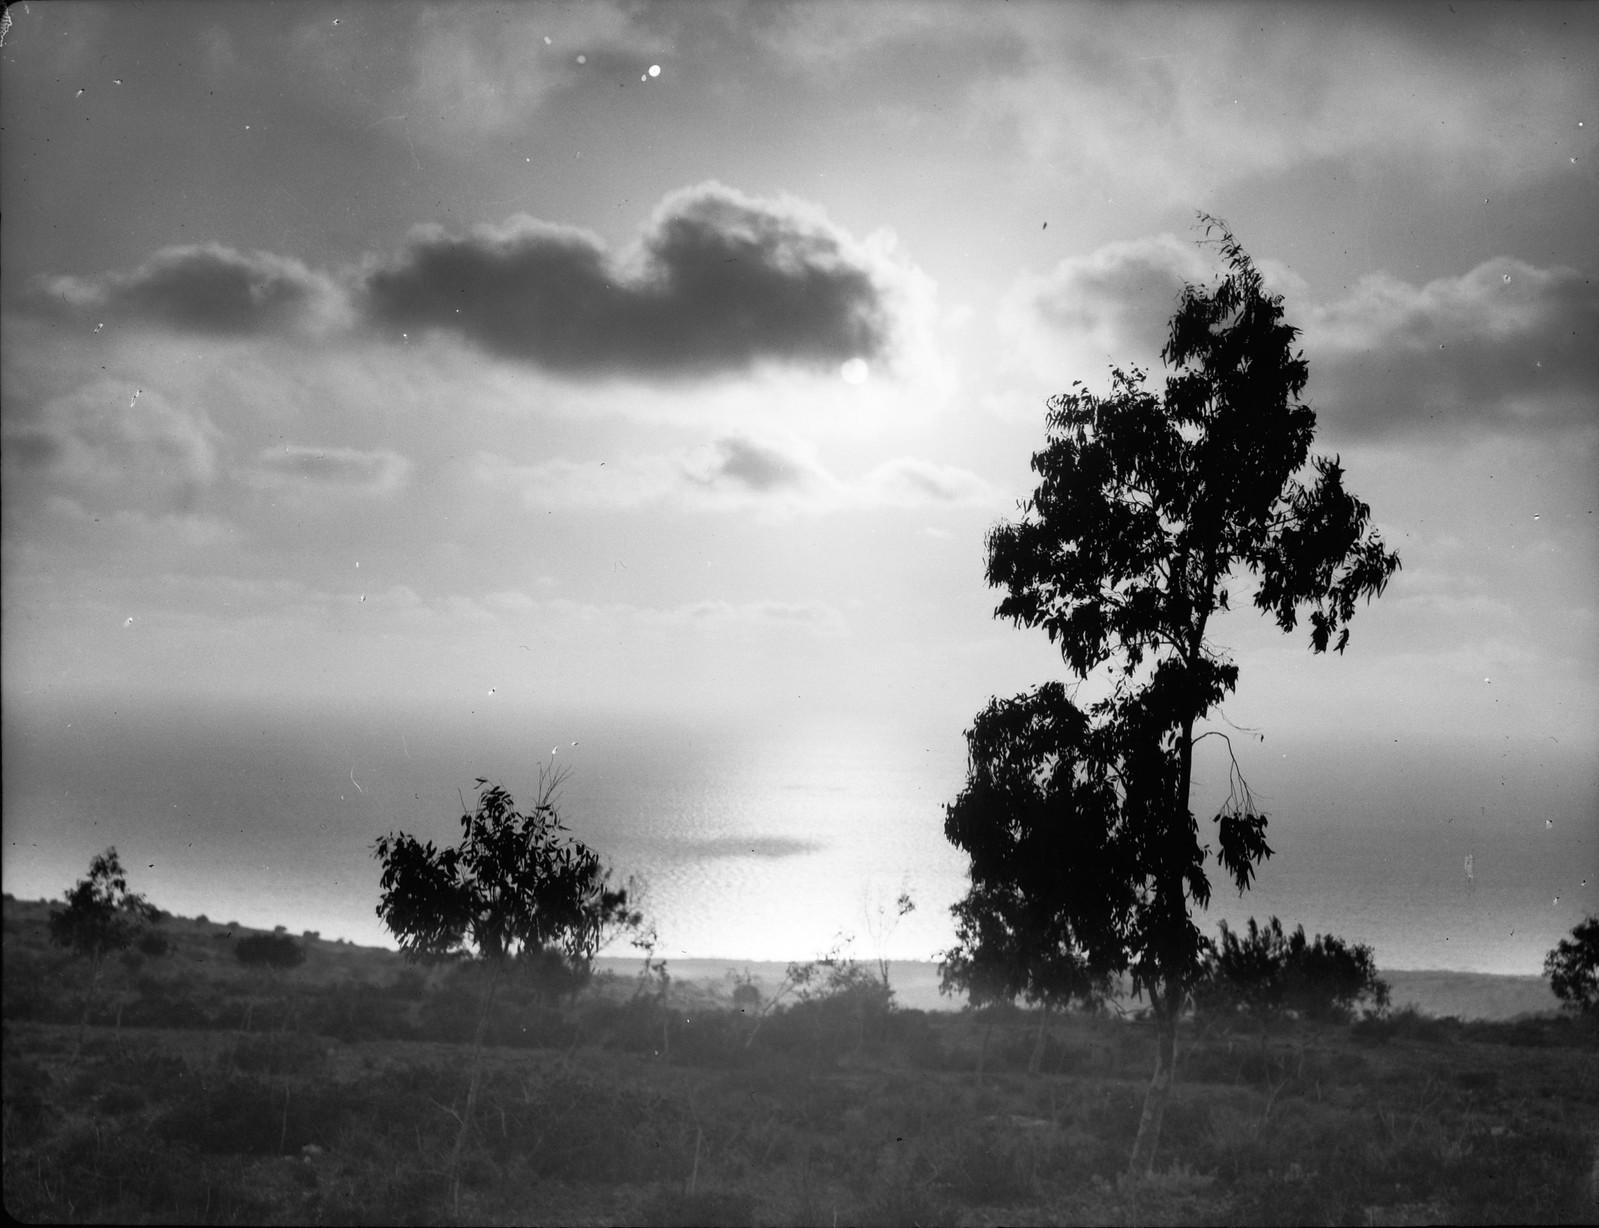 Окрестности Хайфы. Закат